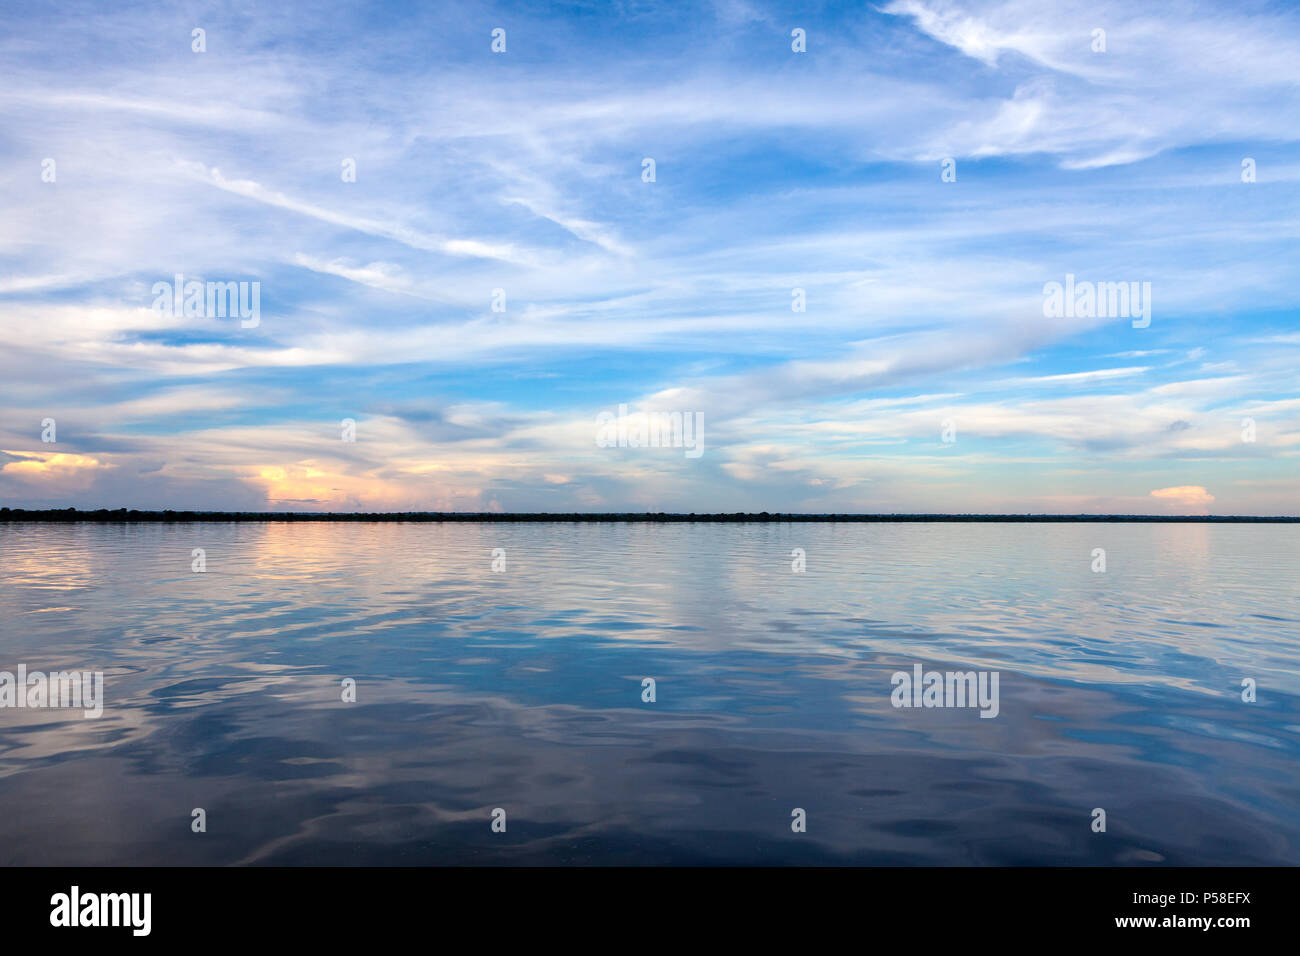 Amazonas, Brasil - El banco del río en la selva amazónica con textura oscuras aguas del río Negro que refleja el cielo azul y las nubes y el bosque en el b Imagen De Stock